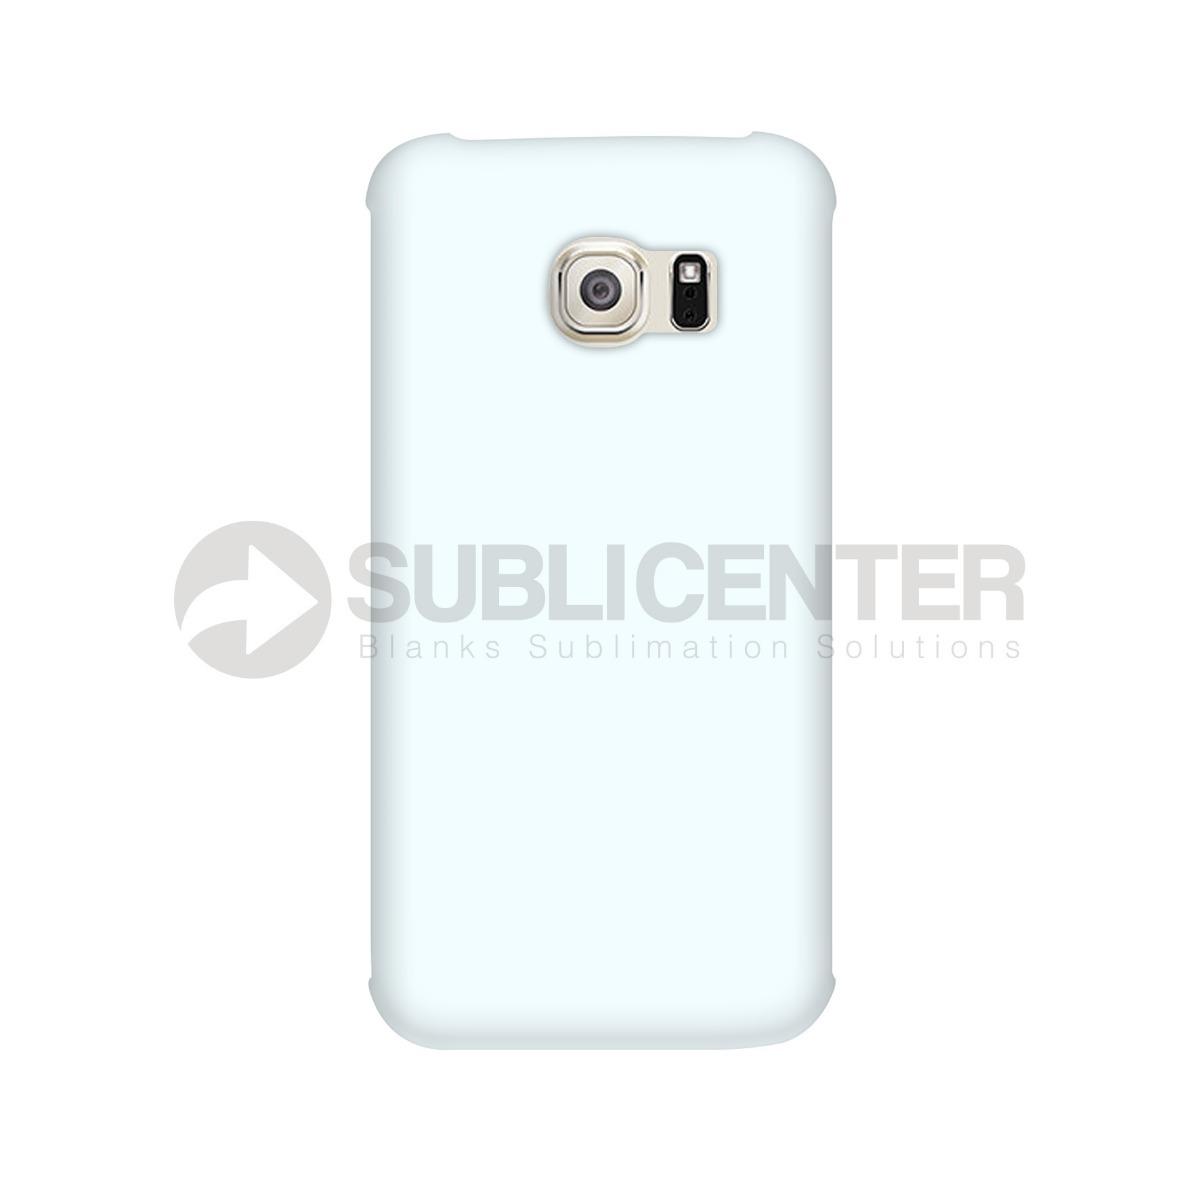 d43305deed2 Fundas Para Celular 3d Sublimable Samsung S6 Edge Plus - $ 55.00 en ...